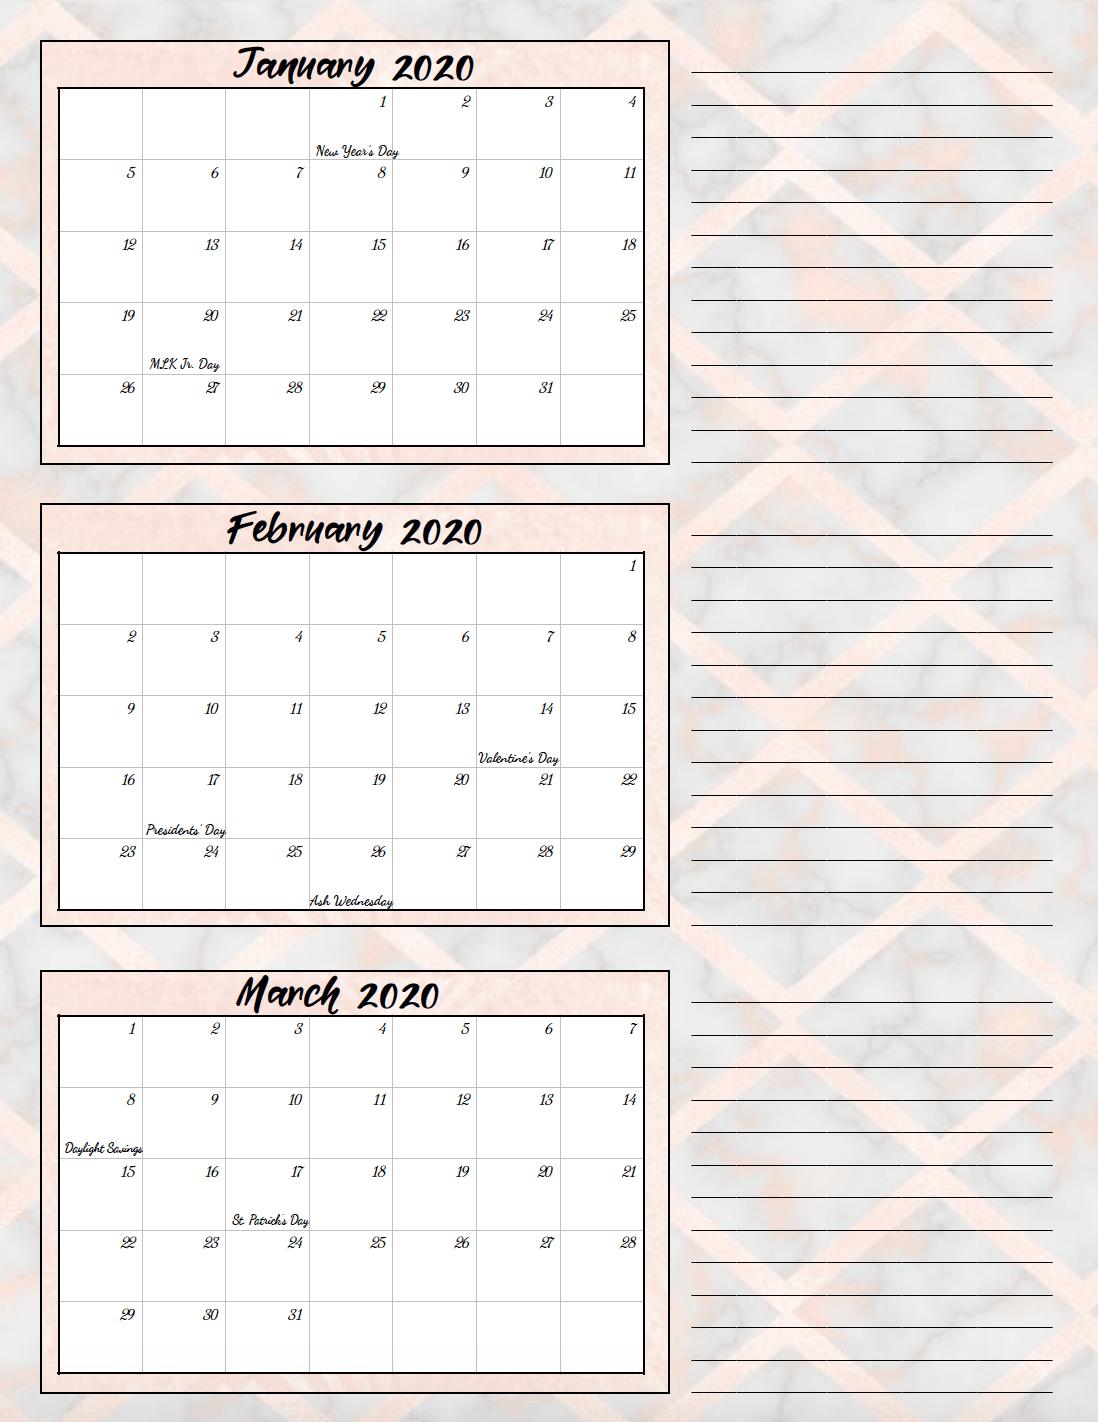 2020 Quarterly Calendar  Yatay.horizonconsulting.co pertaining to 2020 Quarterly Calendar Template Excel